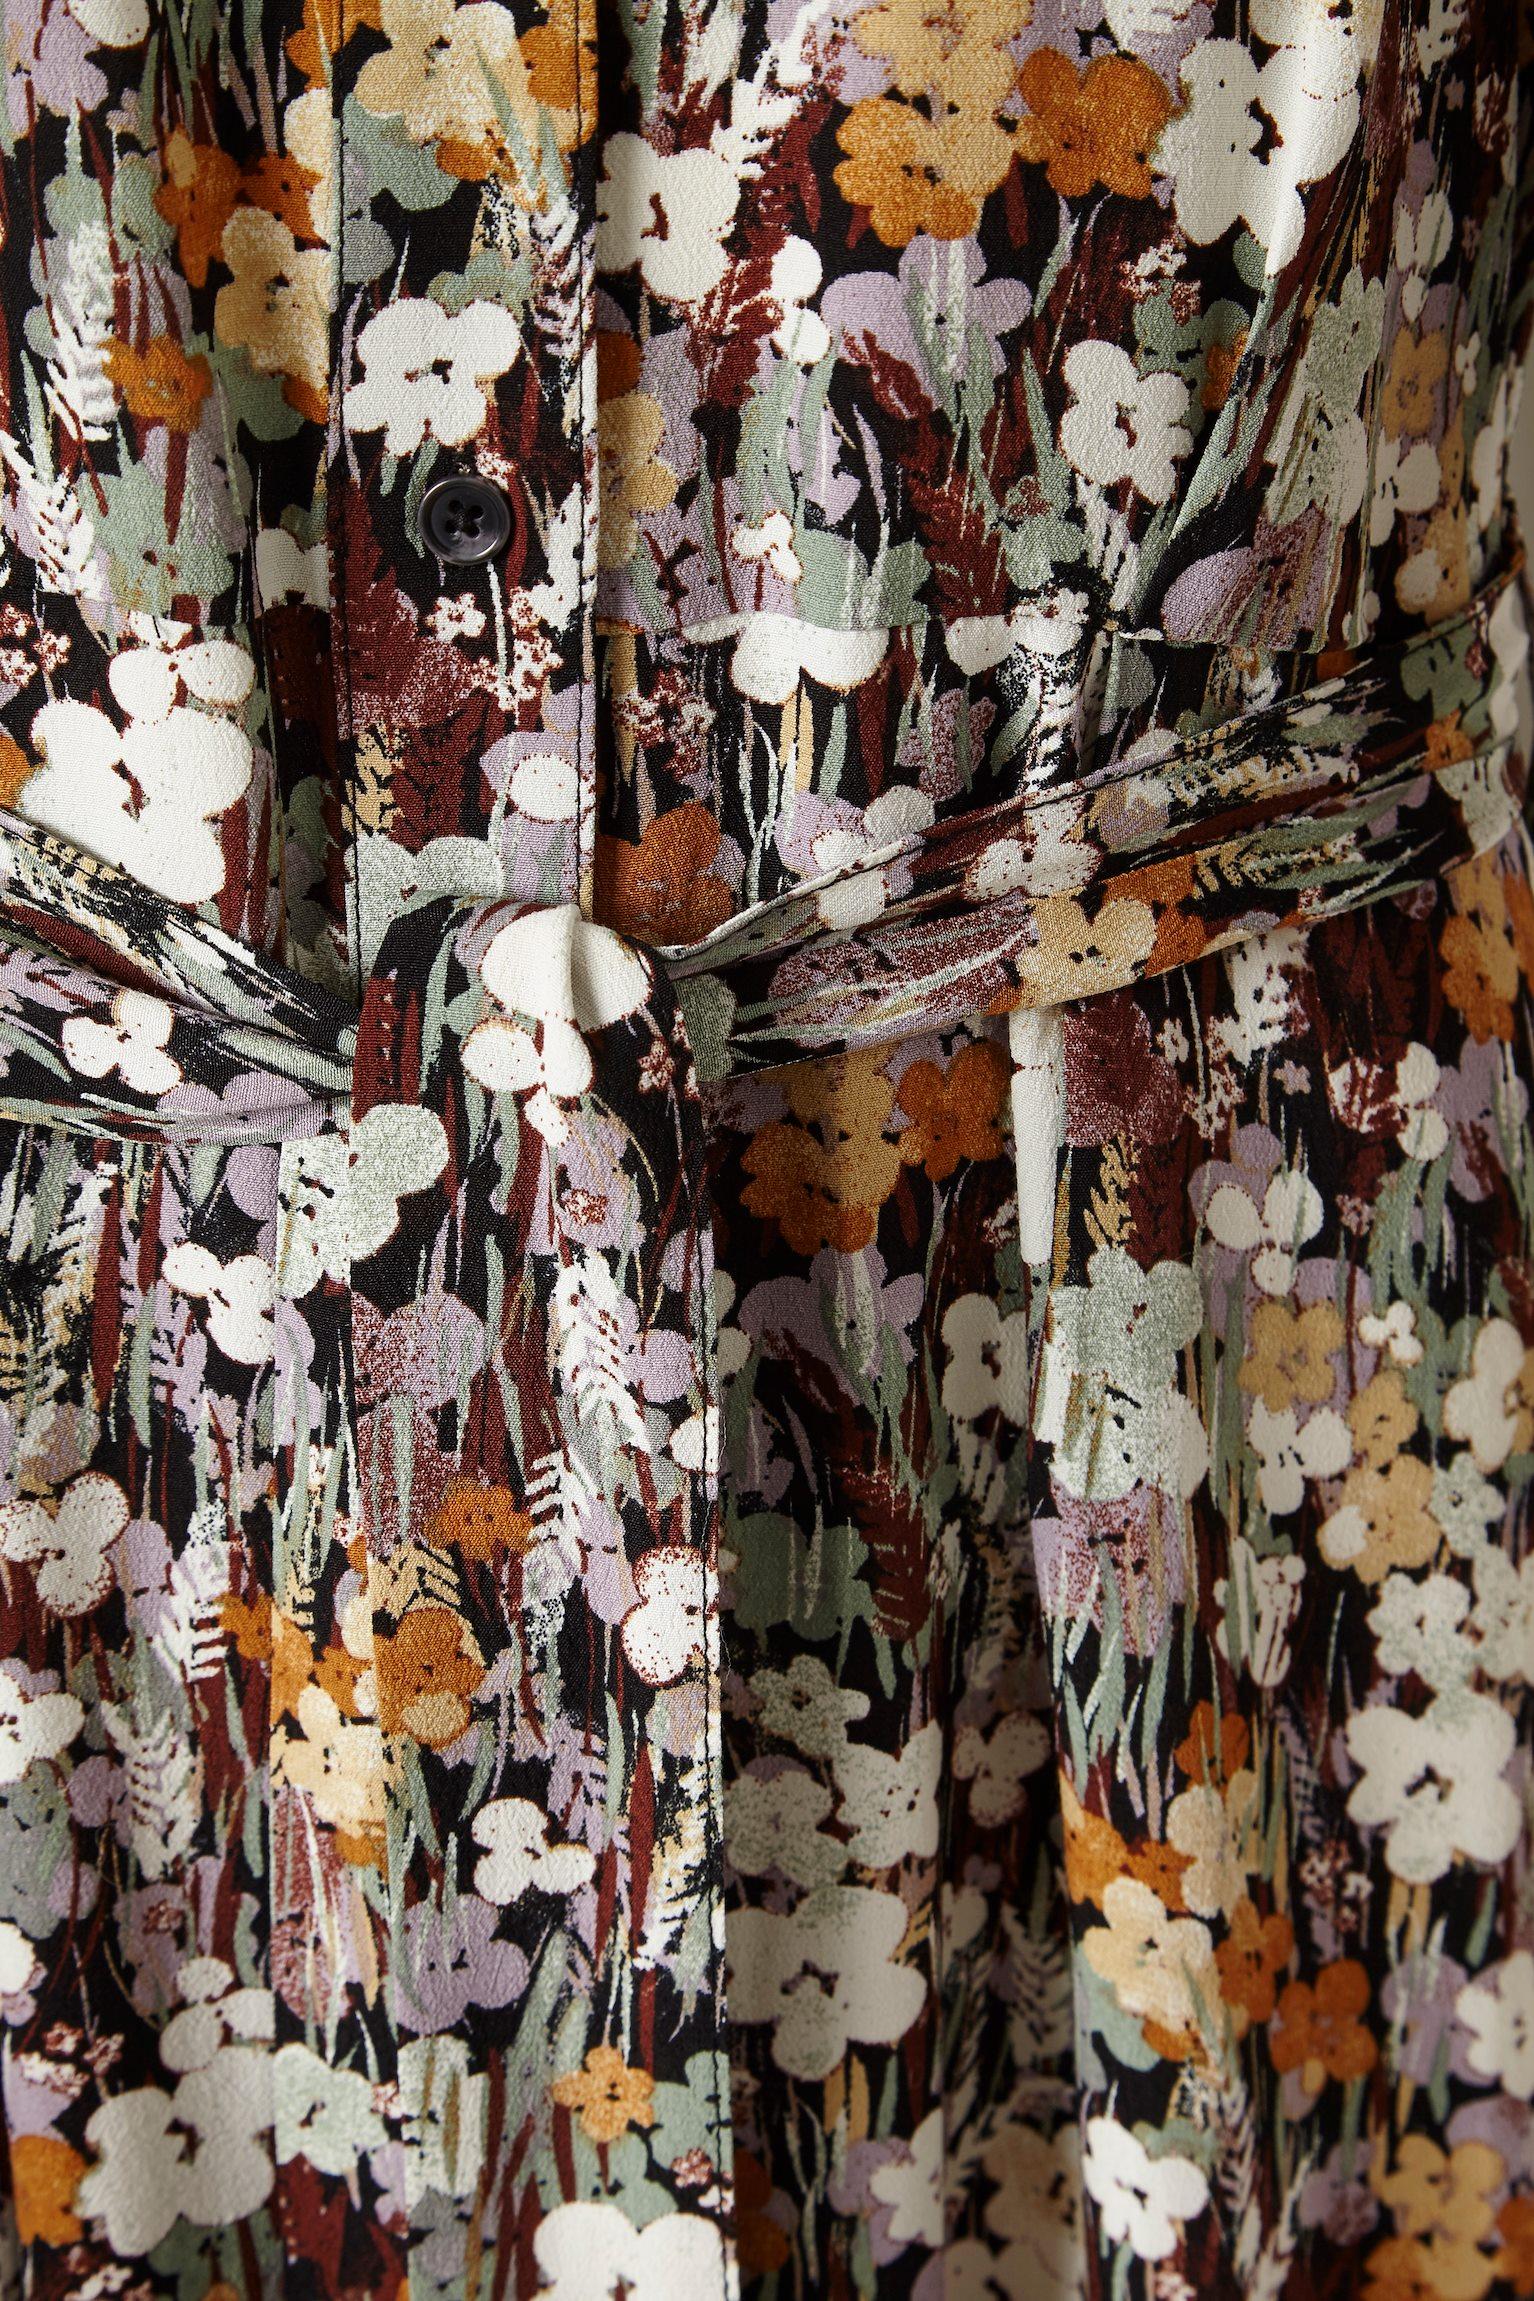 Detalle del vestido mori de estampado flores del otoño. Soaked.